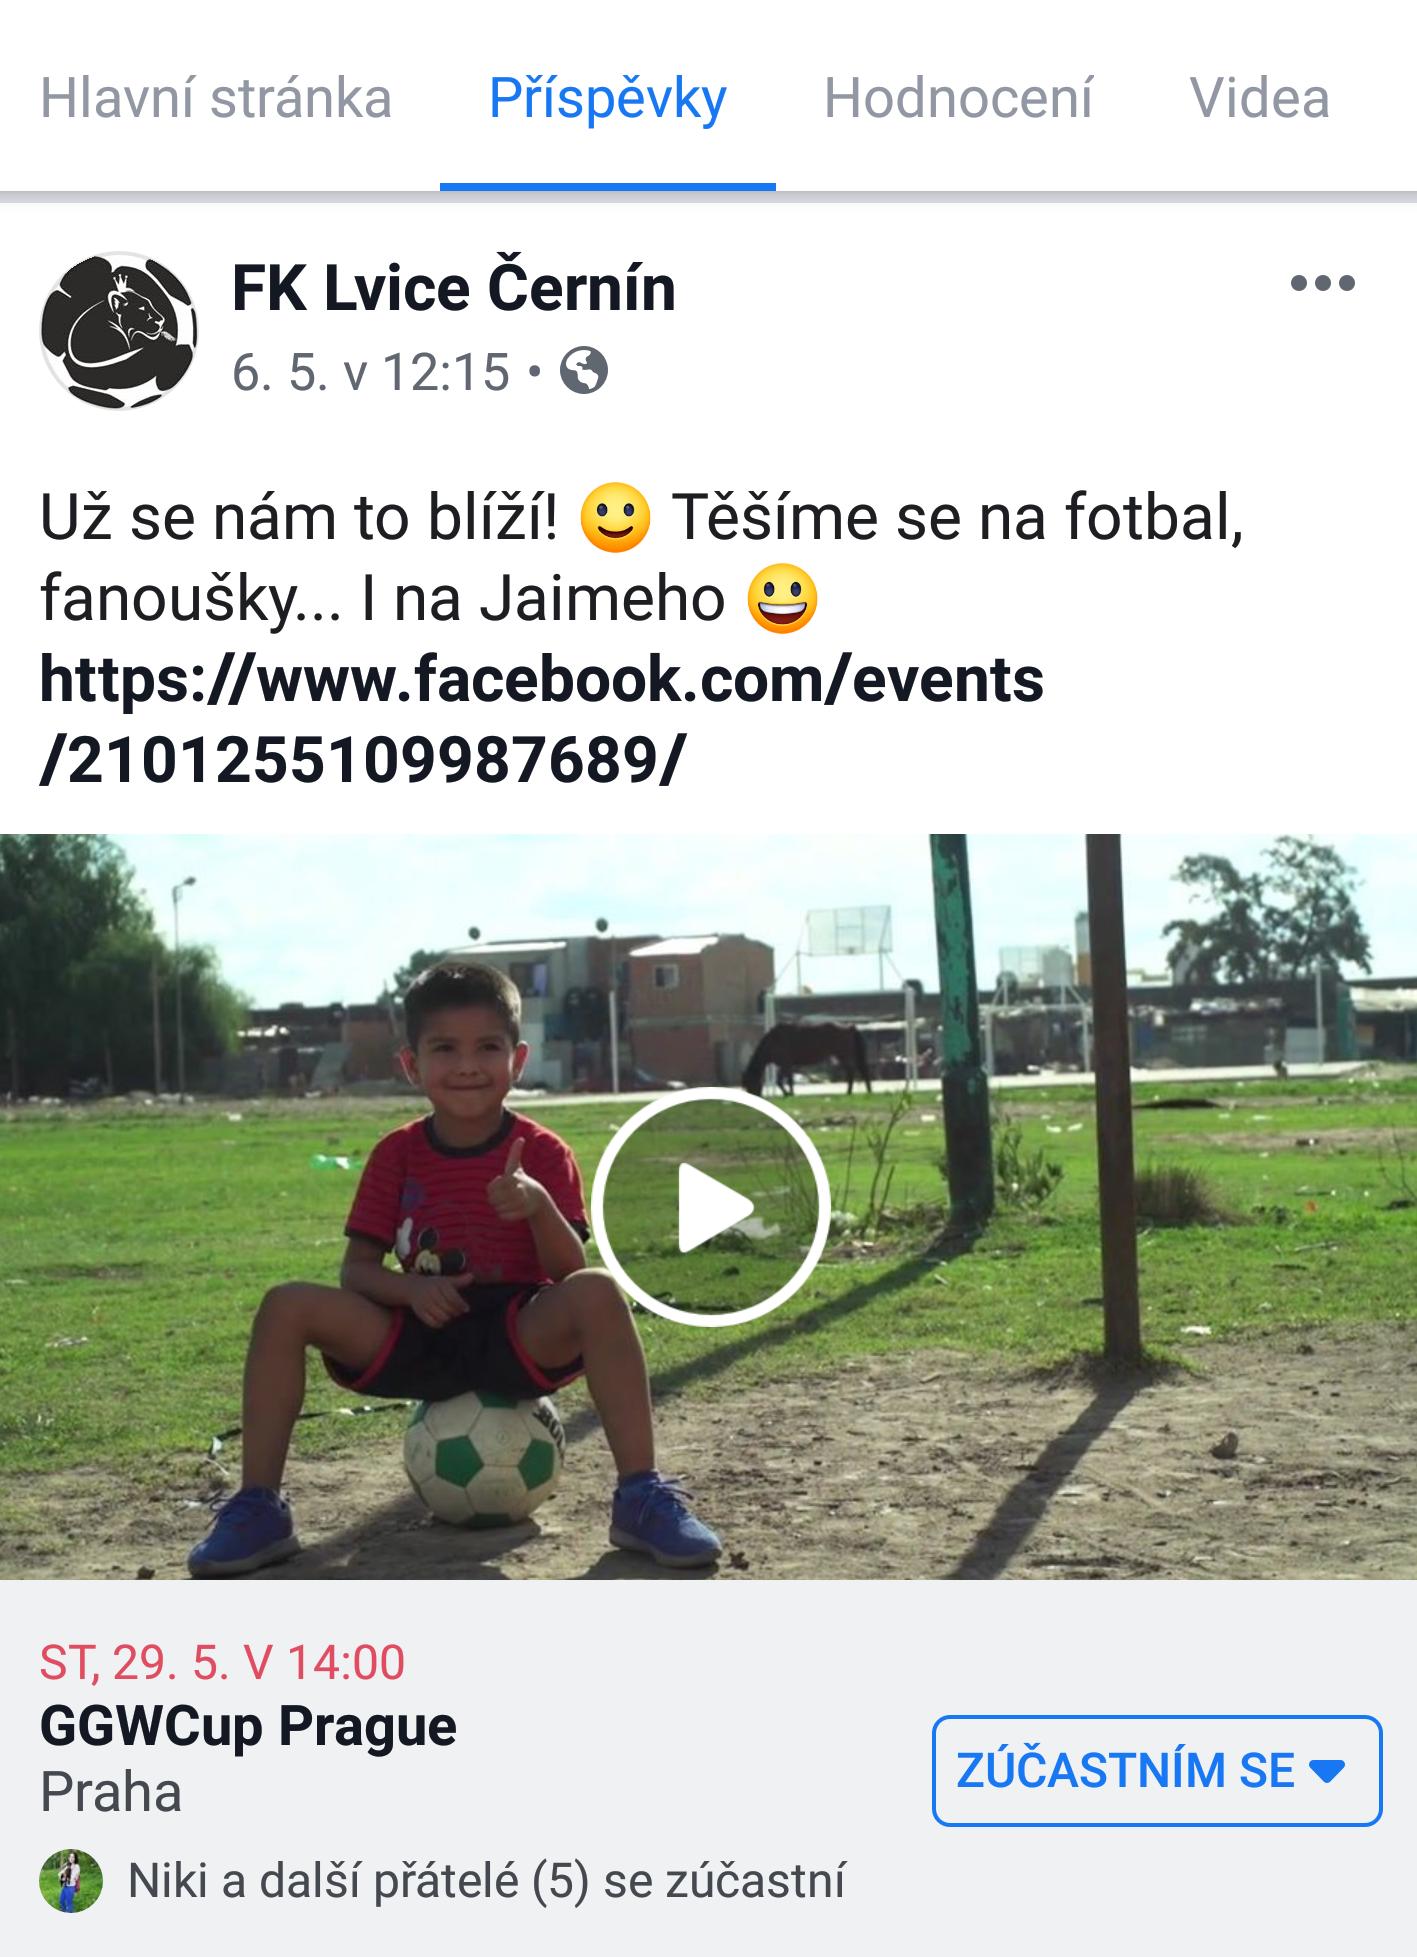 GGWCup Prague 2019 Screenshot_20190524-144051.png